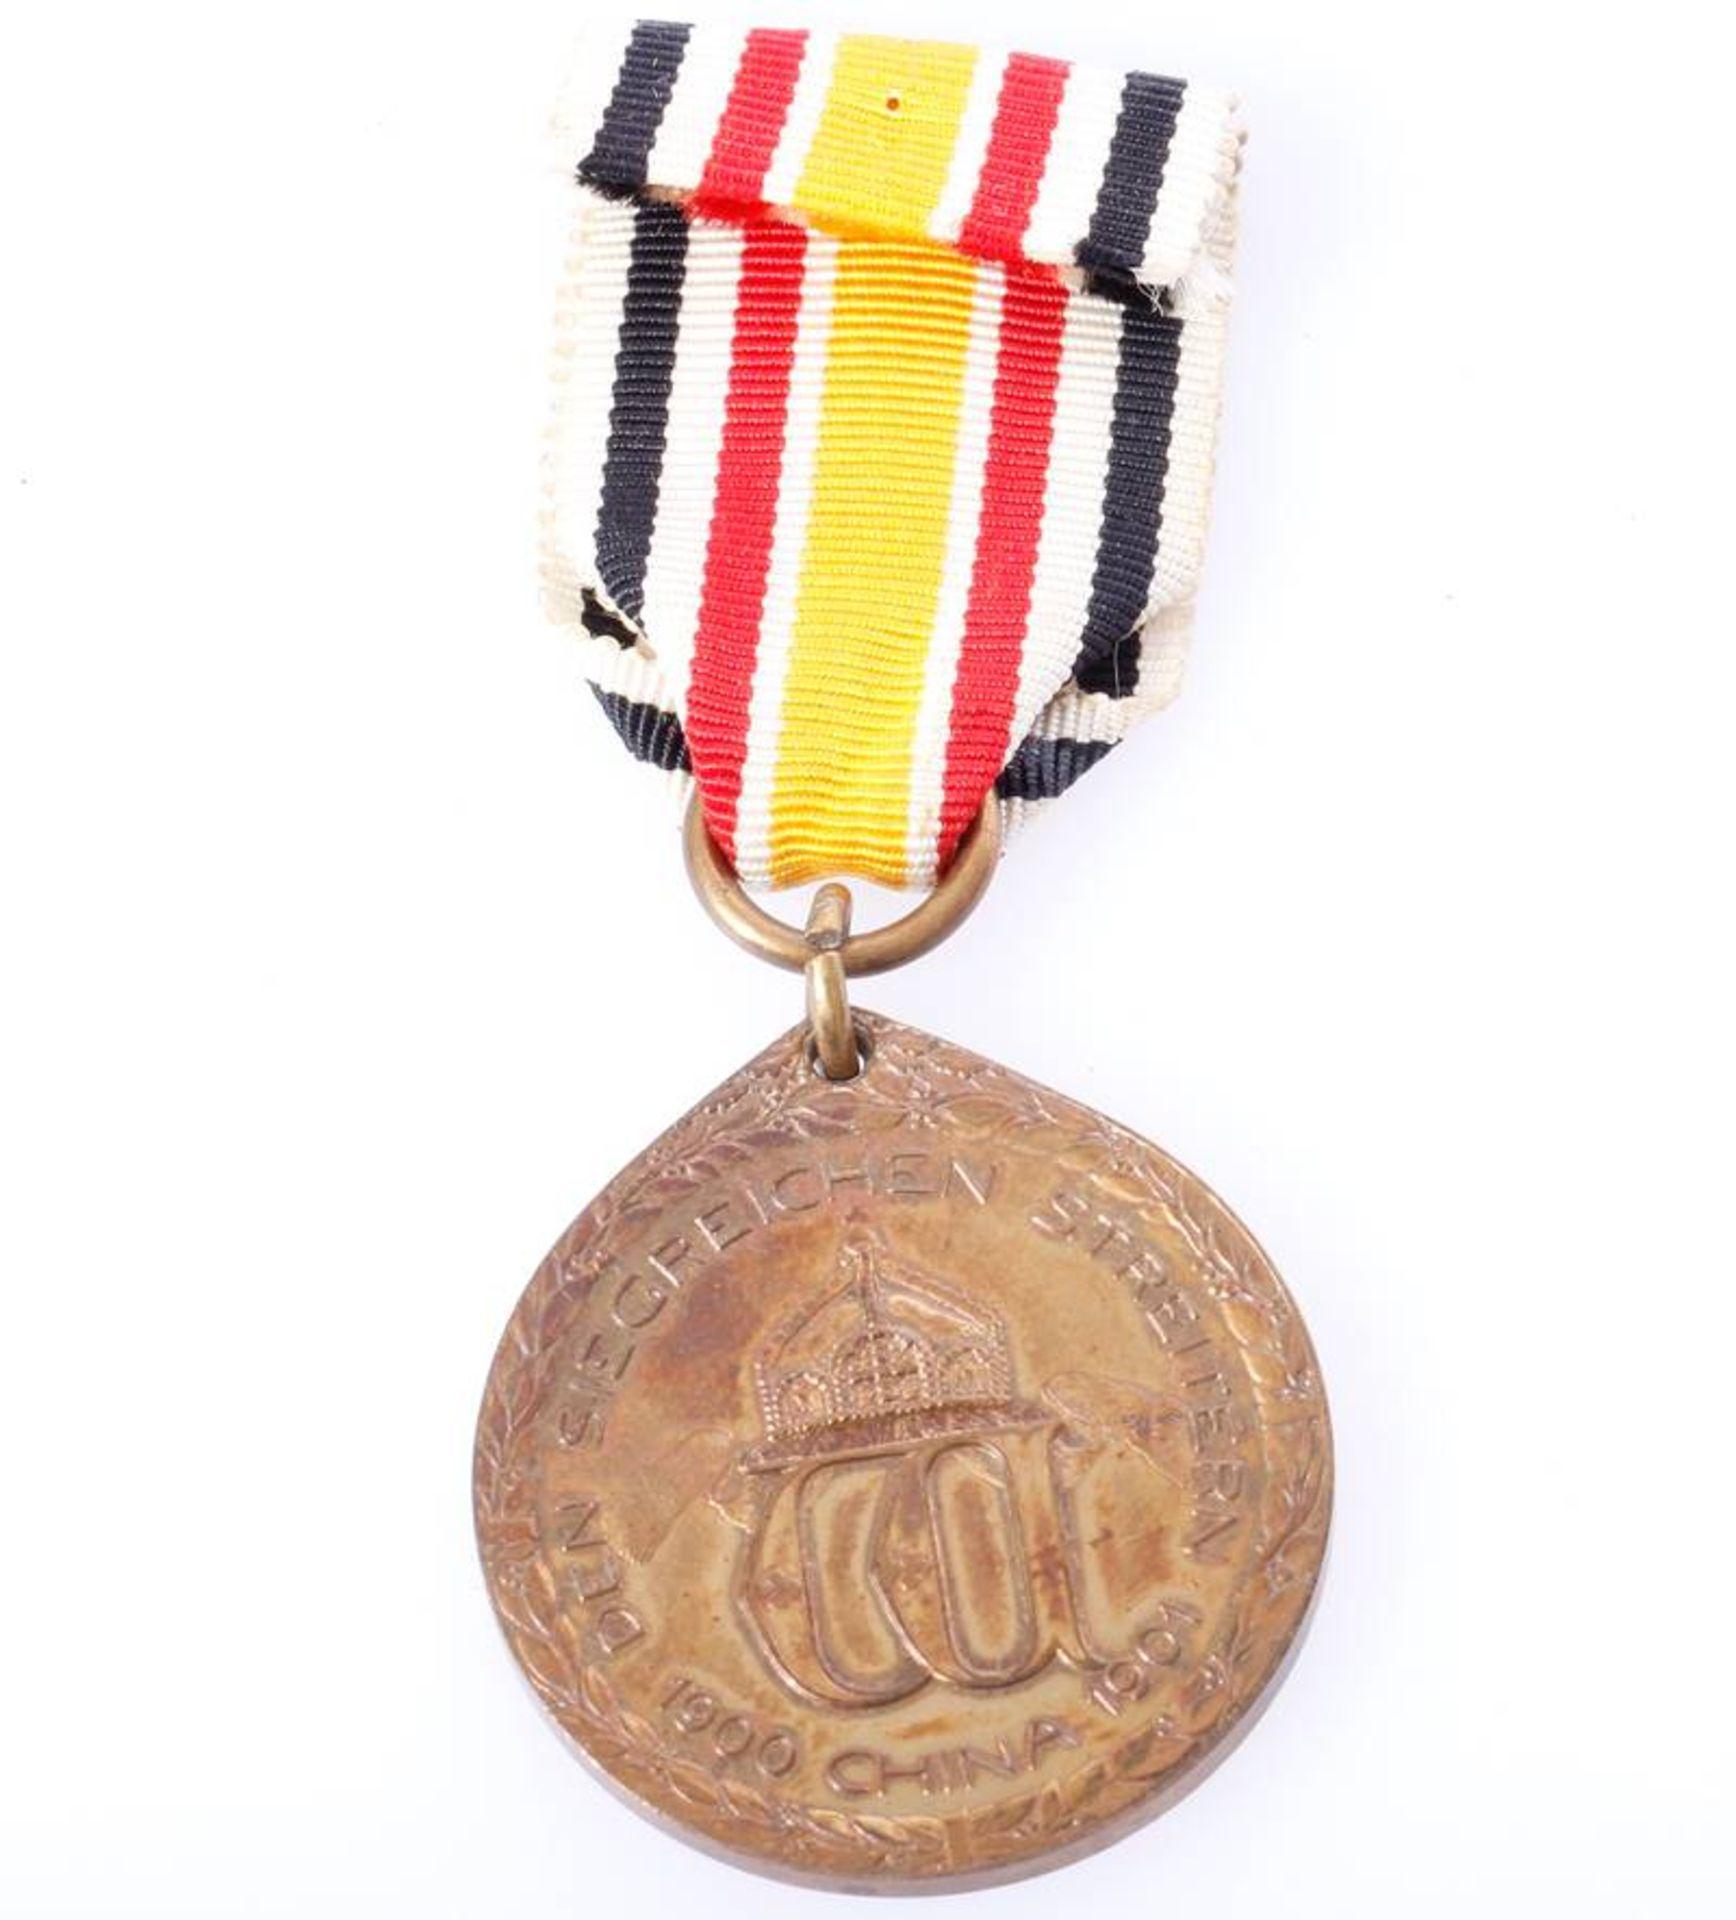 China Denkmünze für Nichtkämpfer 1901Ausführung in Bronze am langen Band. - Bild 2 aus 2